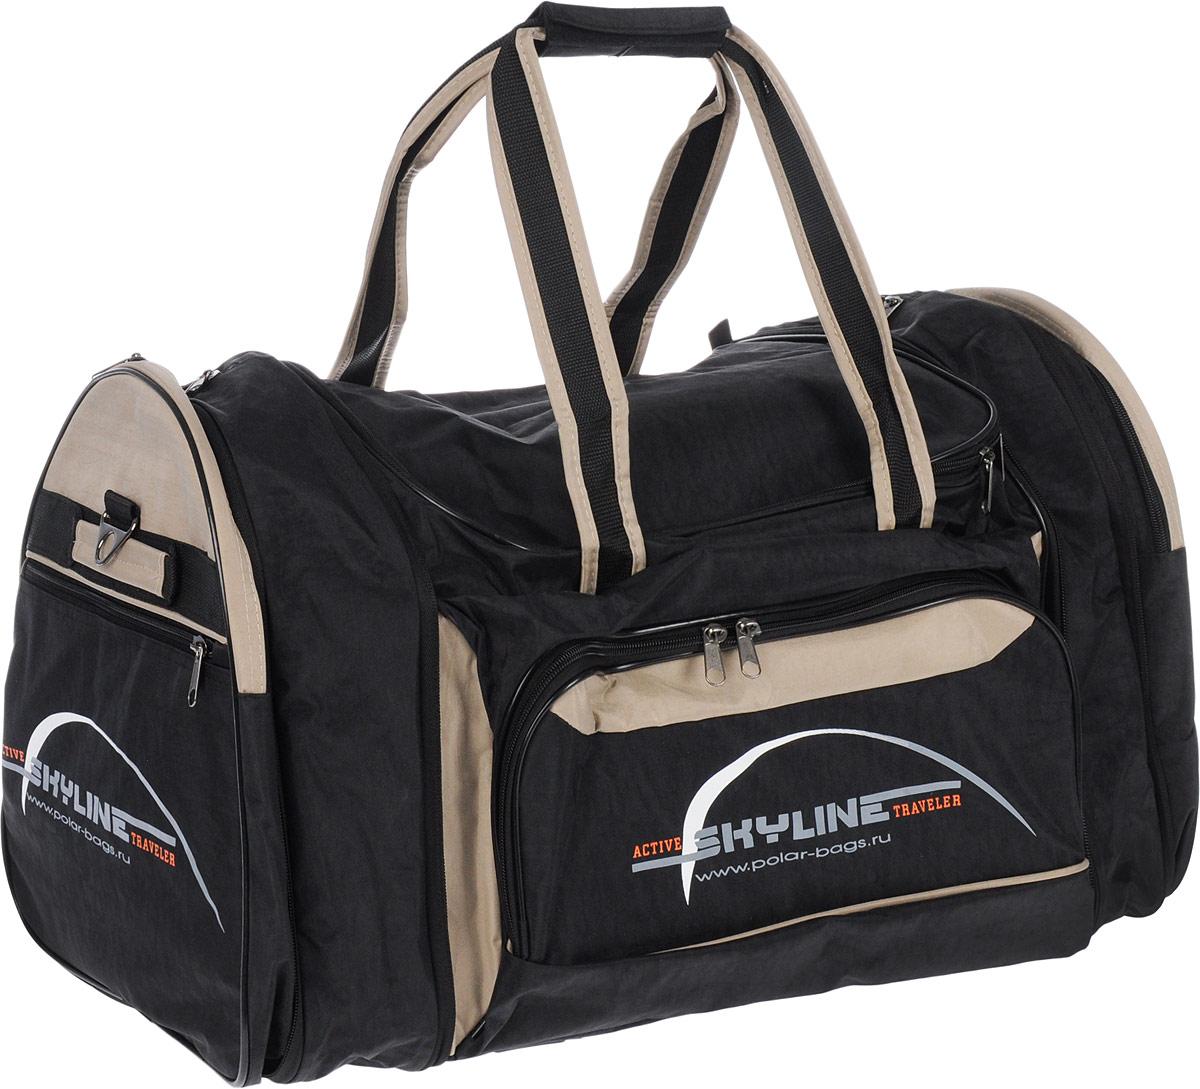 Сумка спортивная Polar, цвет: черный, бежевый, 66,5 л. 6069.16069.1_черный, бежевыйМатериал – полиэстер с водоотталкивающей пропиткой. Вместительная спортивная сумка среднего размера. Внутри - один отдел, два боковых кармана и карман на передней части. В комплект входит съемный плечевой ремень. Эта сумка идеально подойдет для спорта и отдыха. Спортивная сумка для ваших вещей. Сумка раздвижная ,на 5 см по бокам сумки.